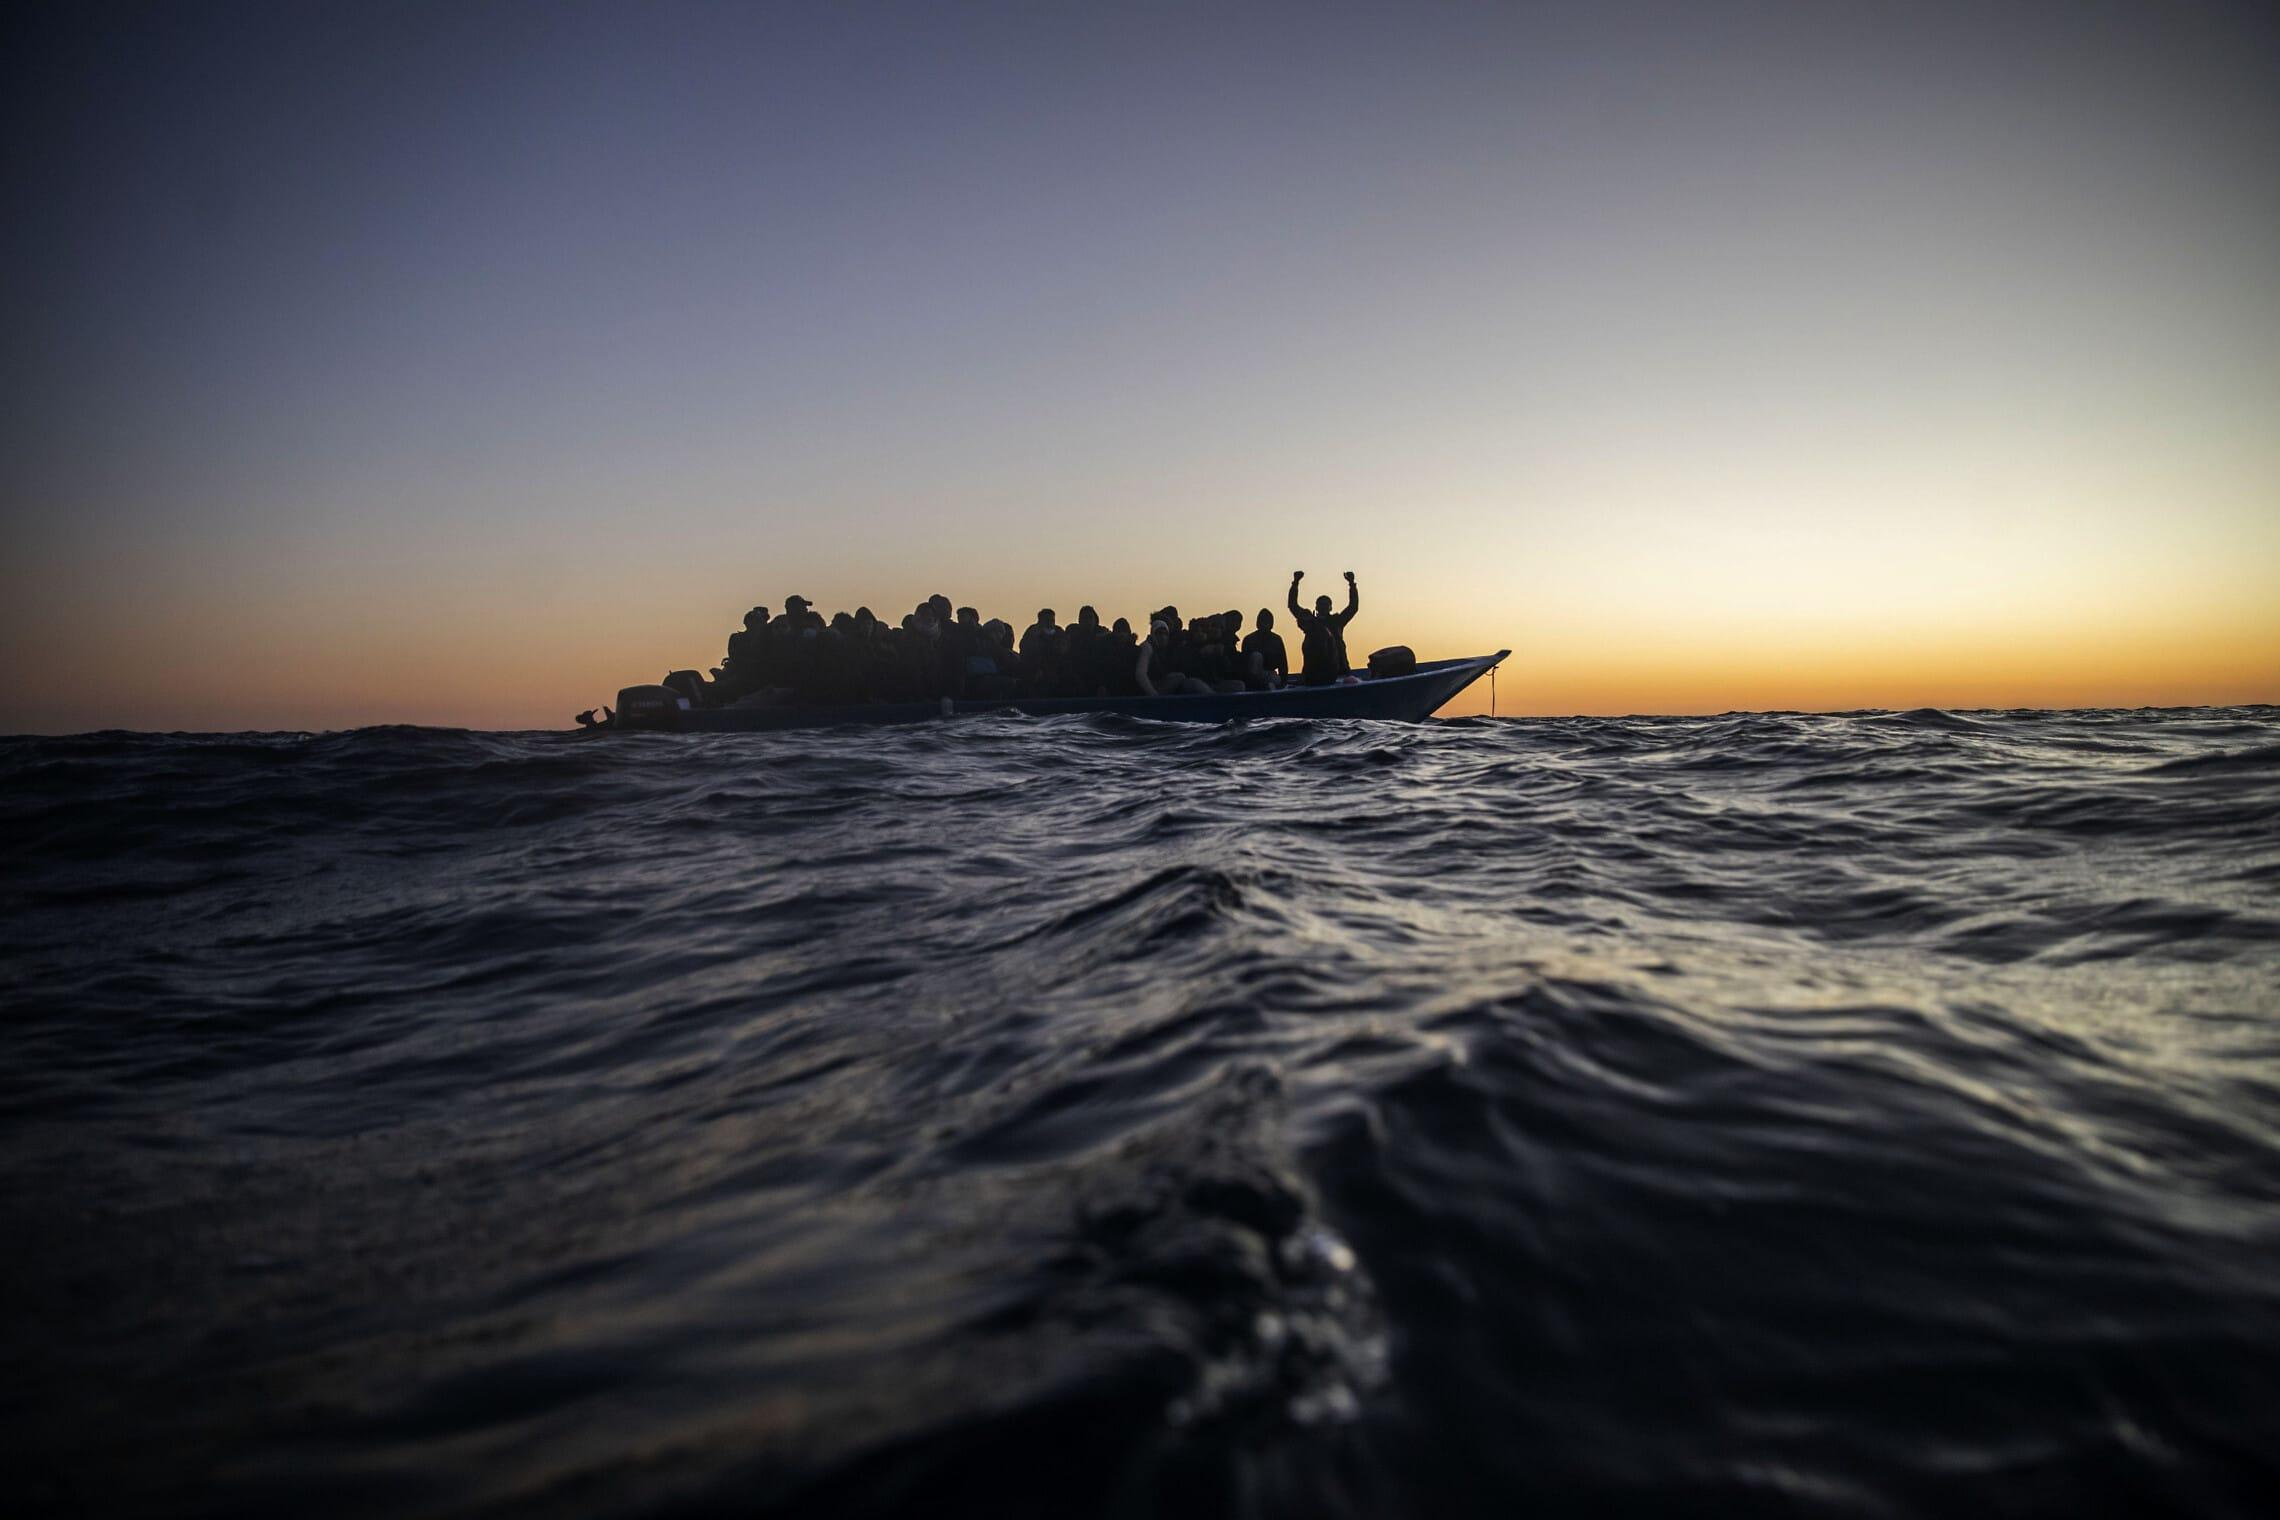 """פליטים מאפריקה מחכים לעזרה בלב ים, כ-200 ק""""מ צפונית לחוף לוב, 21 בפברואר 2021 (צילום: AP Photo/Bruno Thevenin)"""